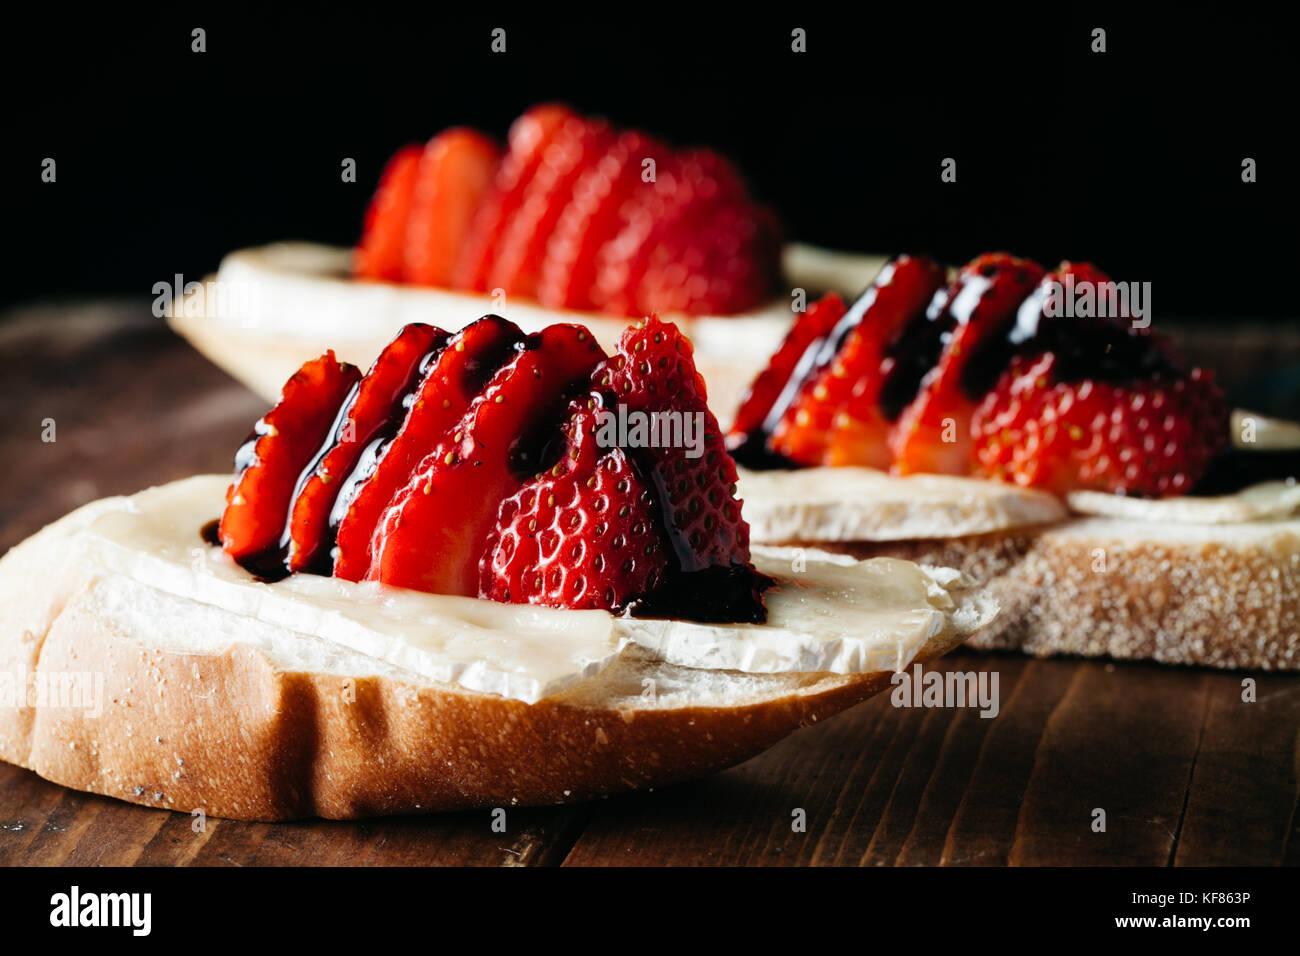 Crostini con formaggio brie, fragole fresche rustico superficie in legno Immagini Stock